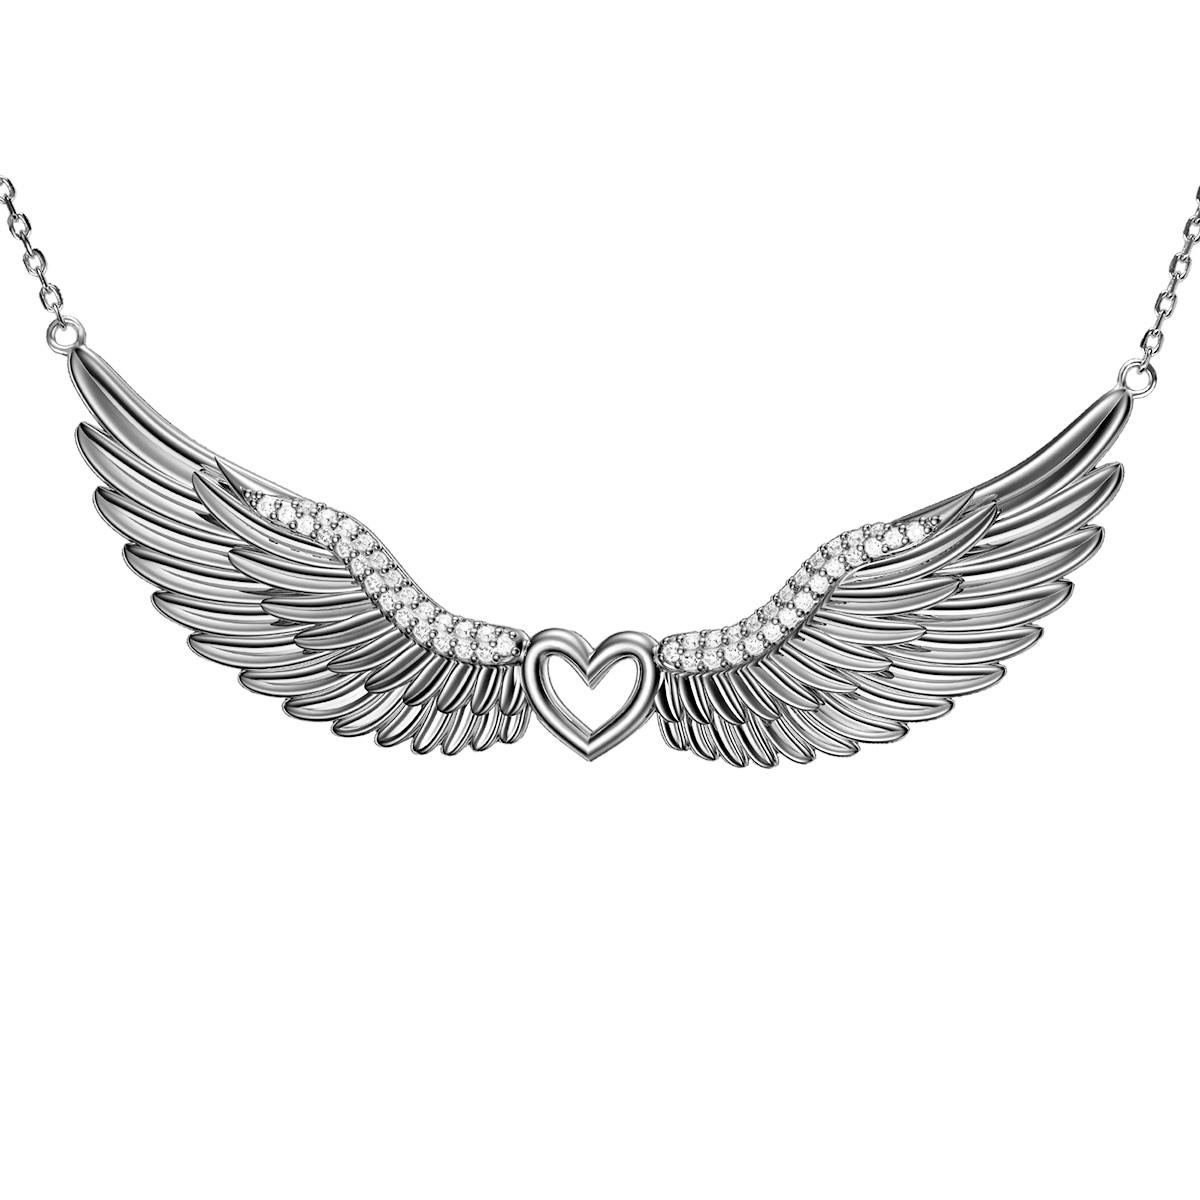 天使之翼项链